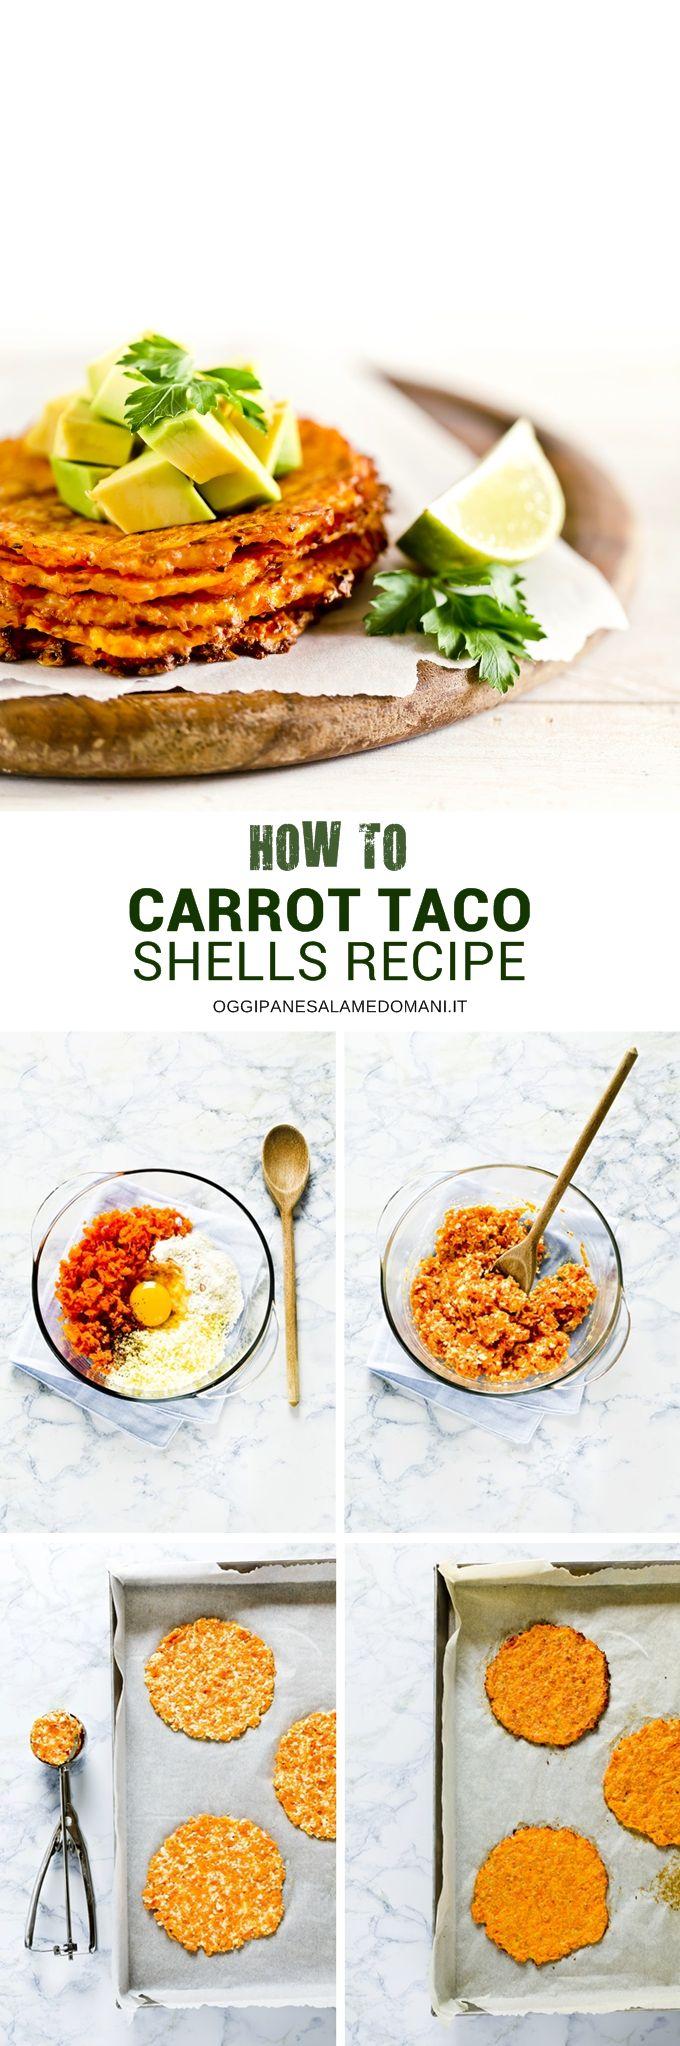 GLUTEN FREE CARROT TACO SHELLS - tacos - tacos di carote - carrot tacos shells - how to make carrot tacos shells - tacos vegetariani - veg tacos